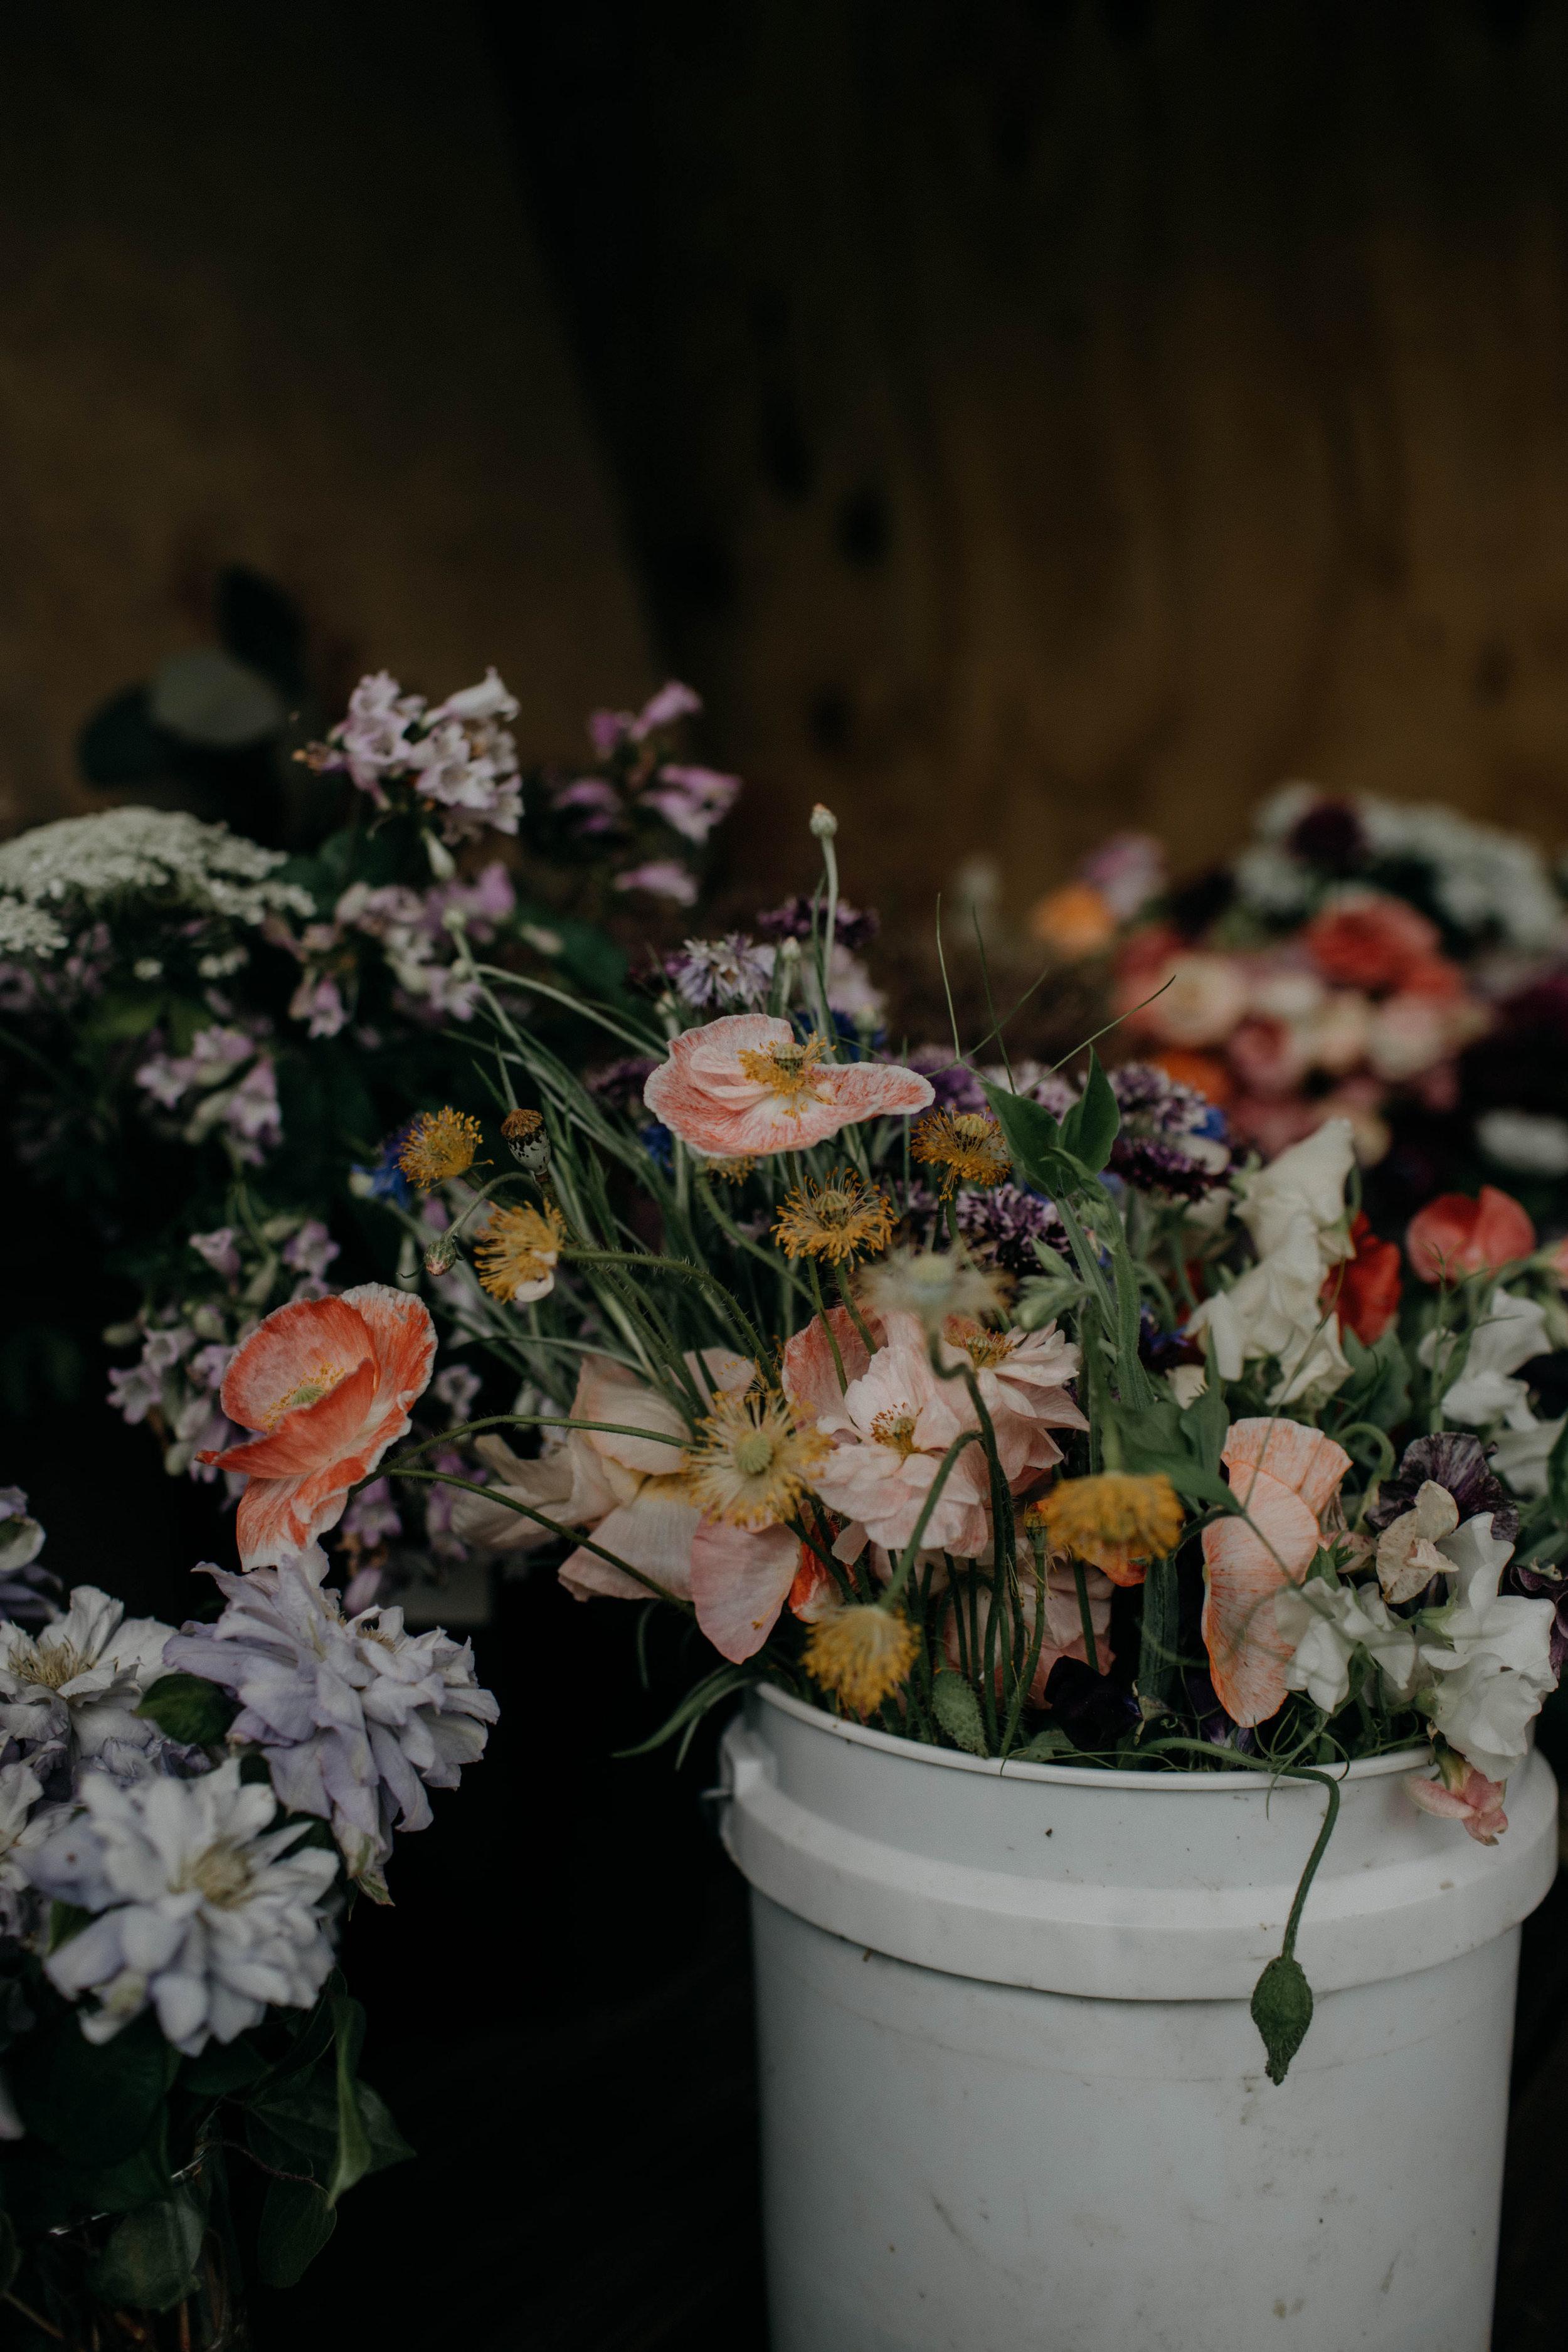 nashville floral workshop nashville tennessee wedding photographer50.jpg